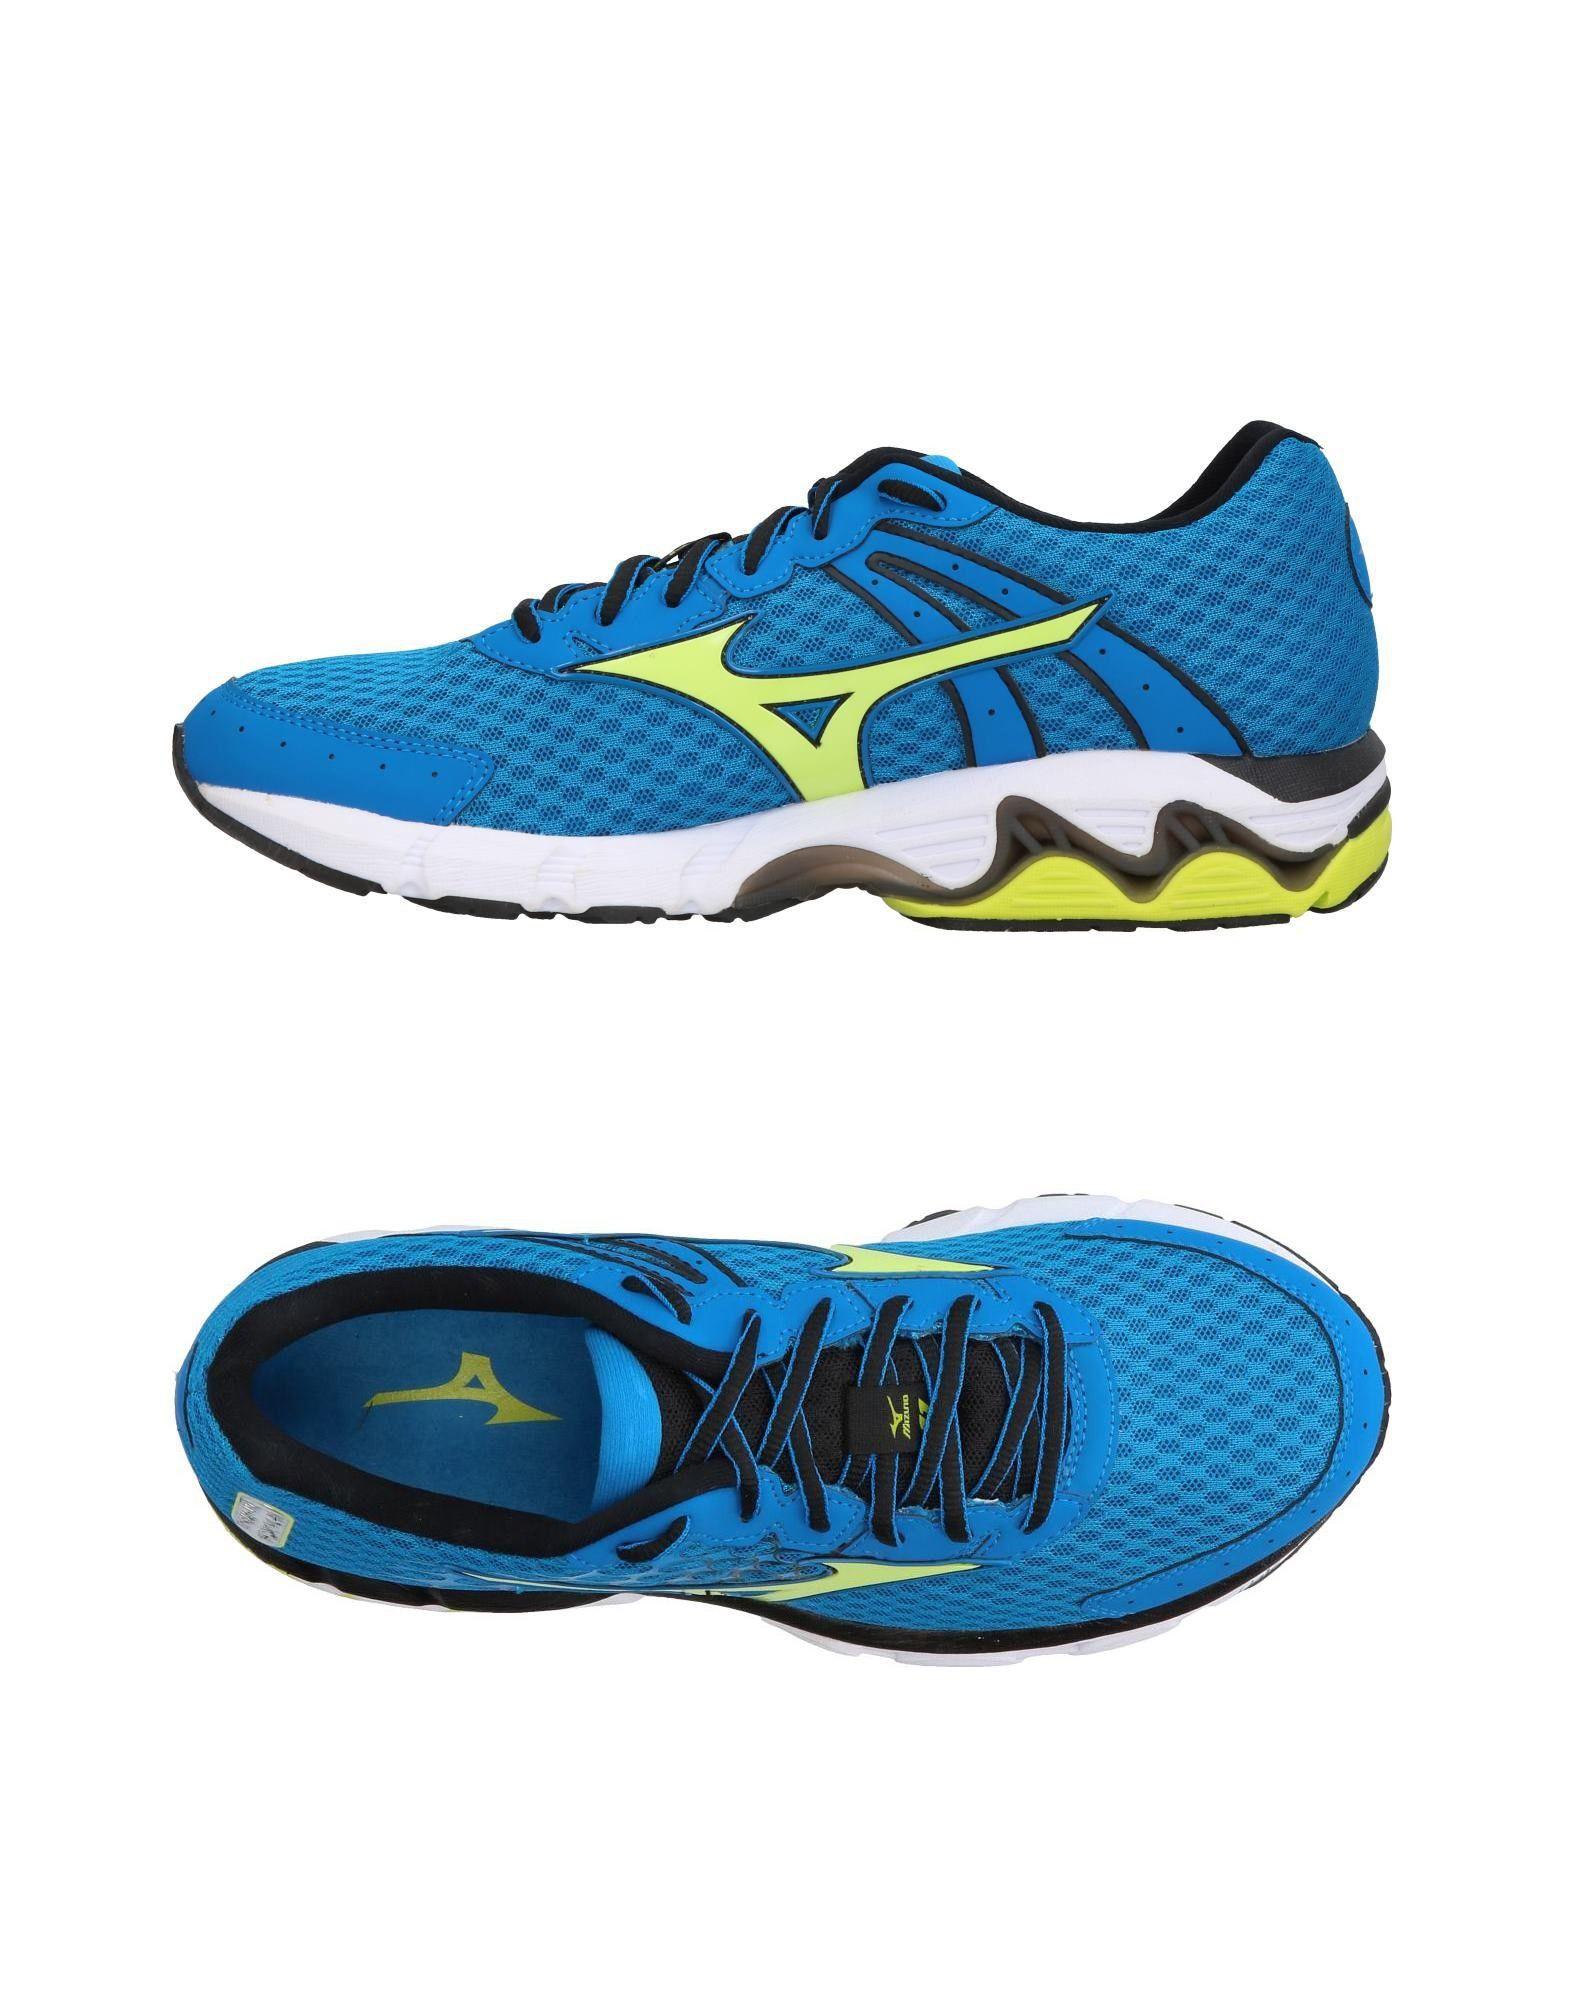 Sneakers Mizuno Donna - Acquista online su